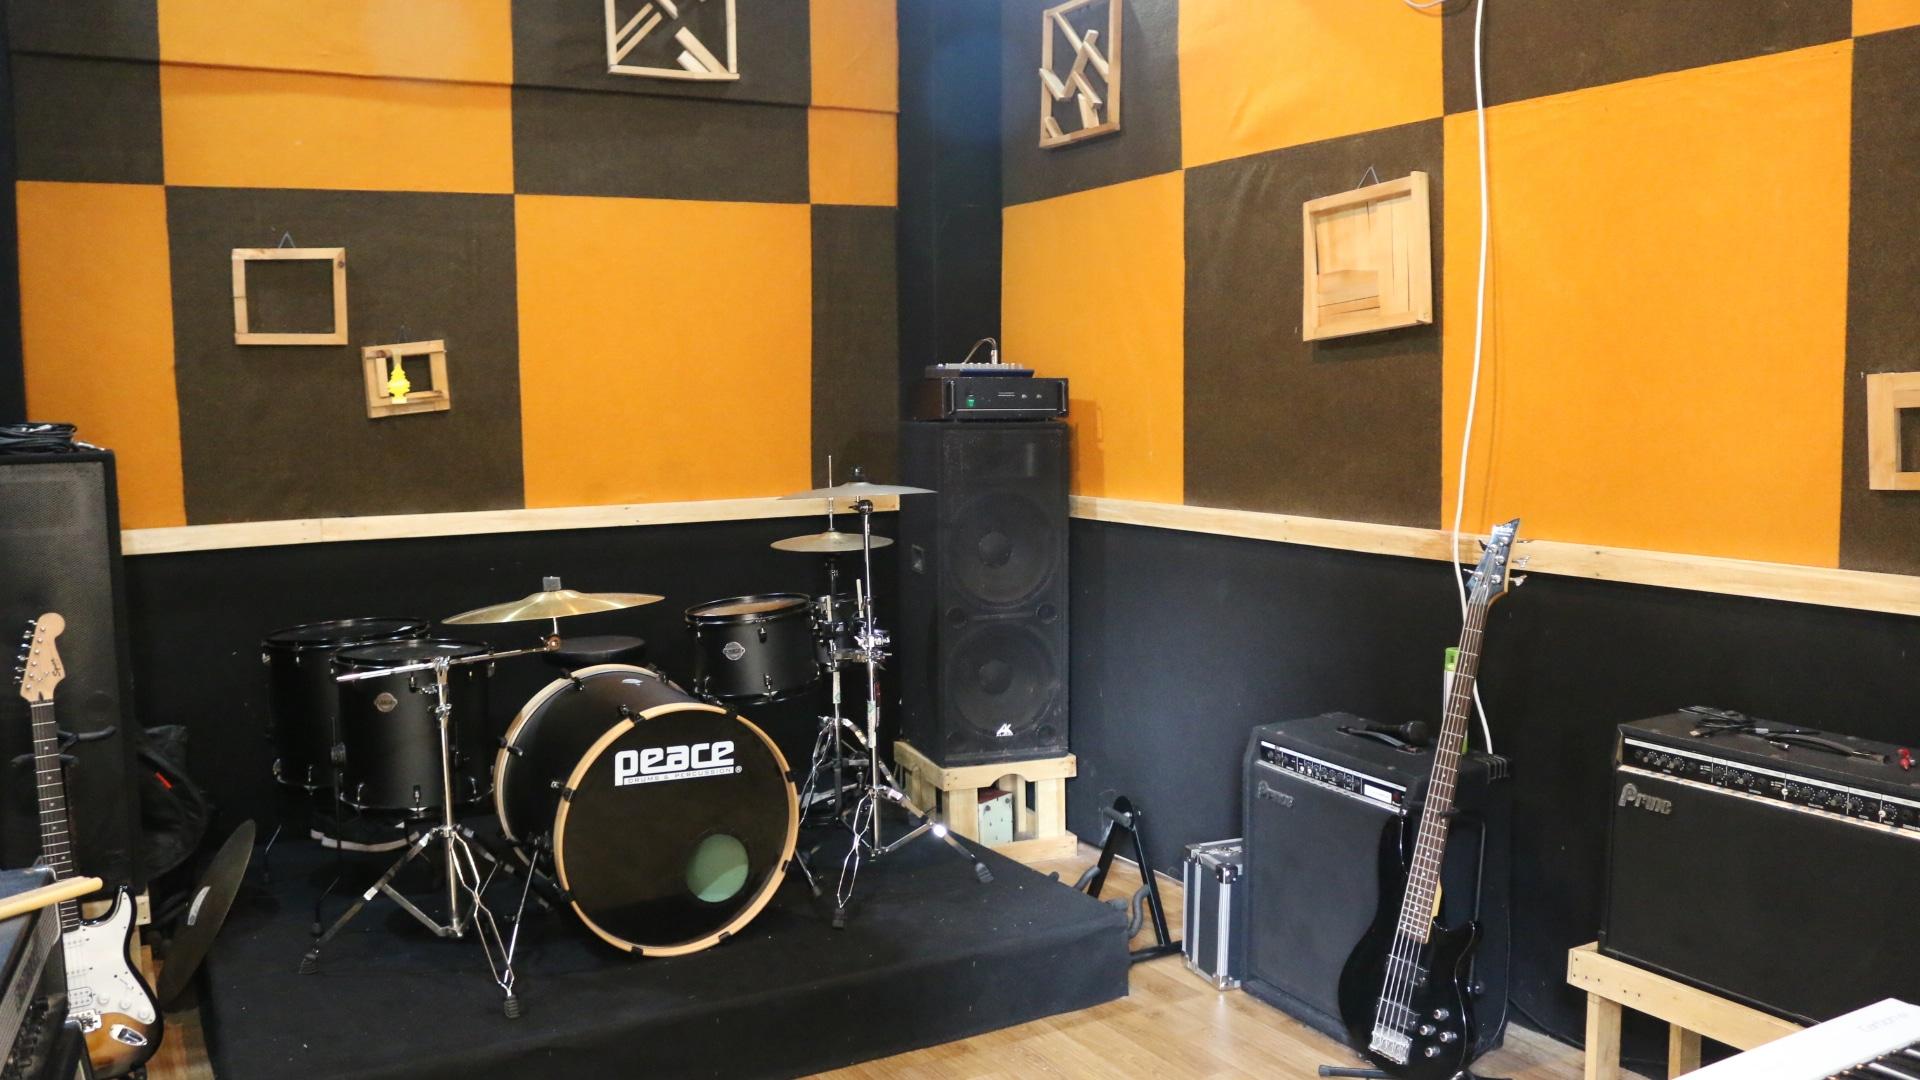 Studio Musik Dengan Alat Musik Gitar Elektrik, Gitar Bass Elektrik, Drumset, Speaker Amplifier, dan Audio Effect